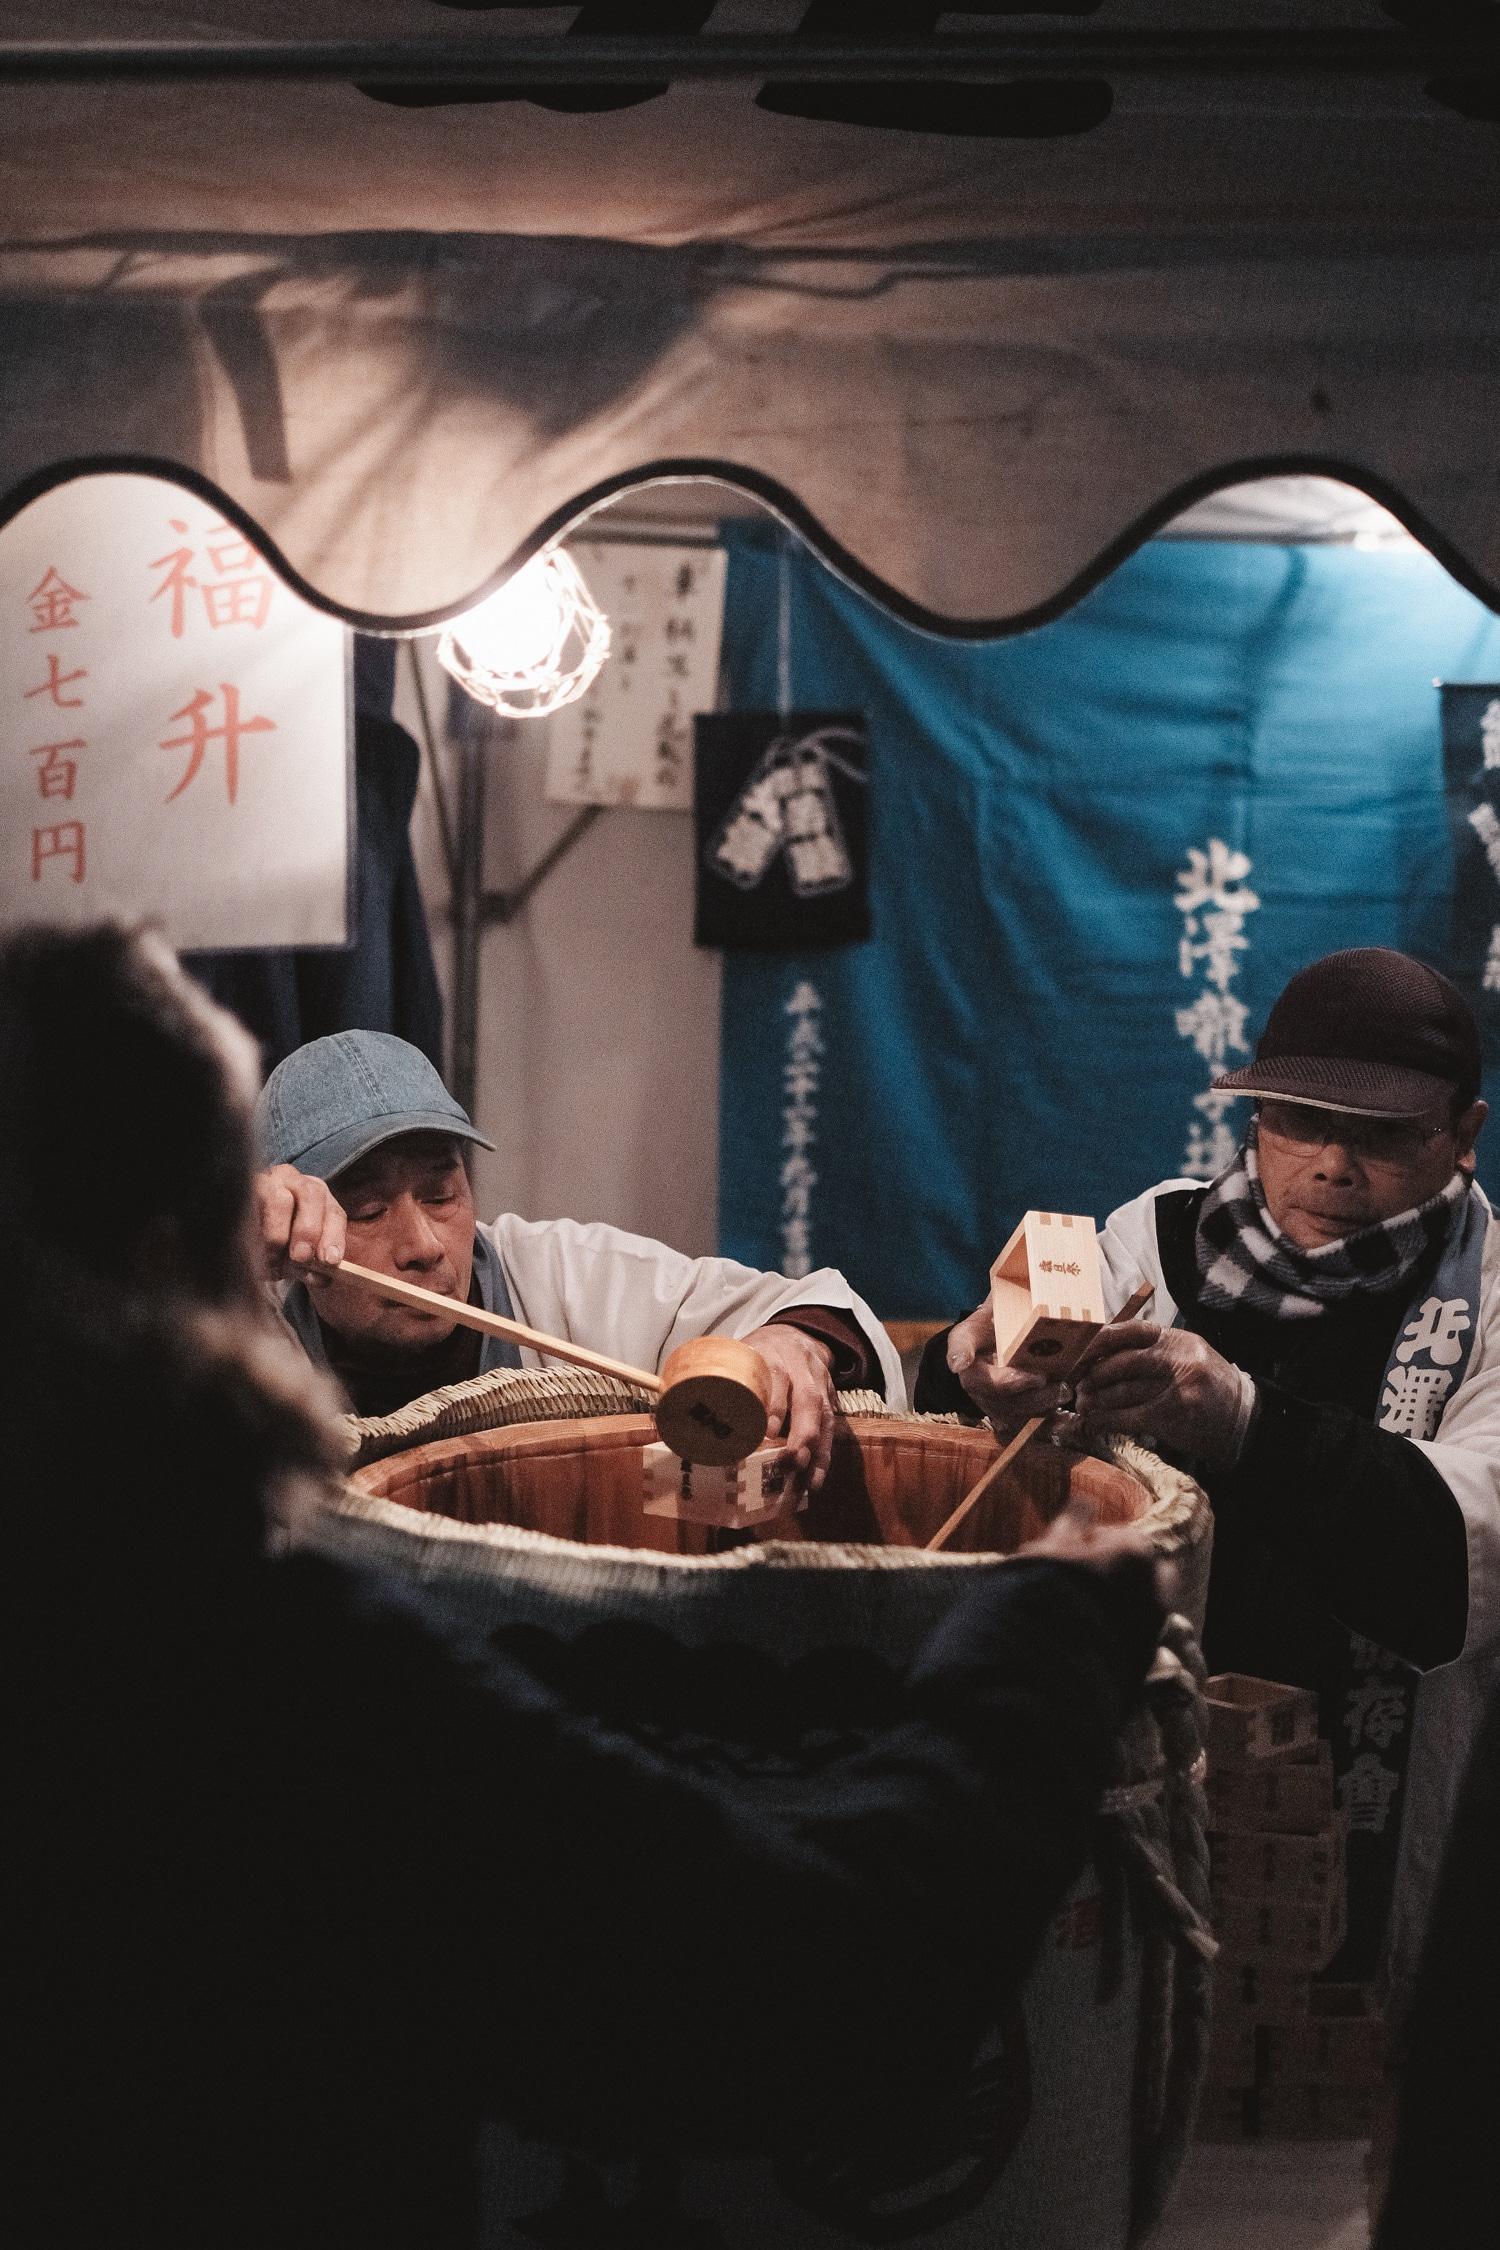 Kinlake-Lifestyle-Japan-2018-4739